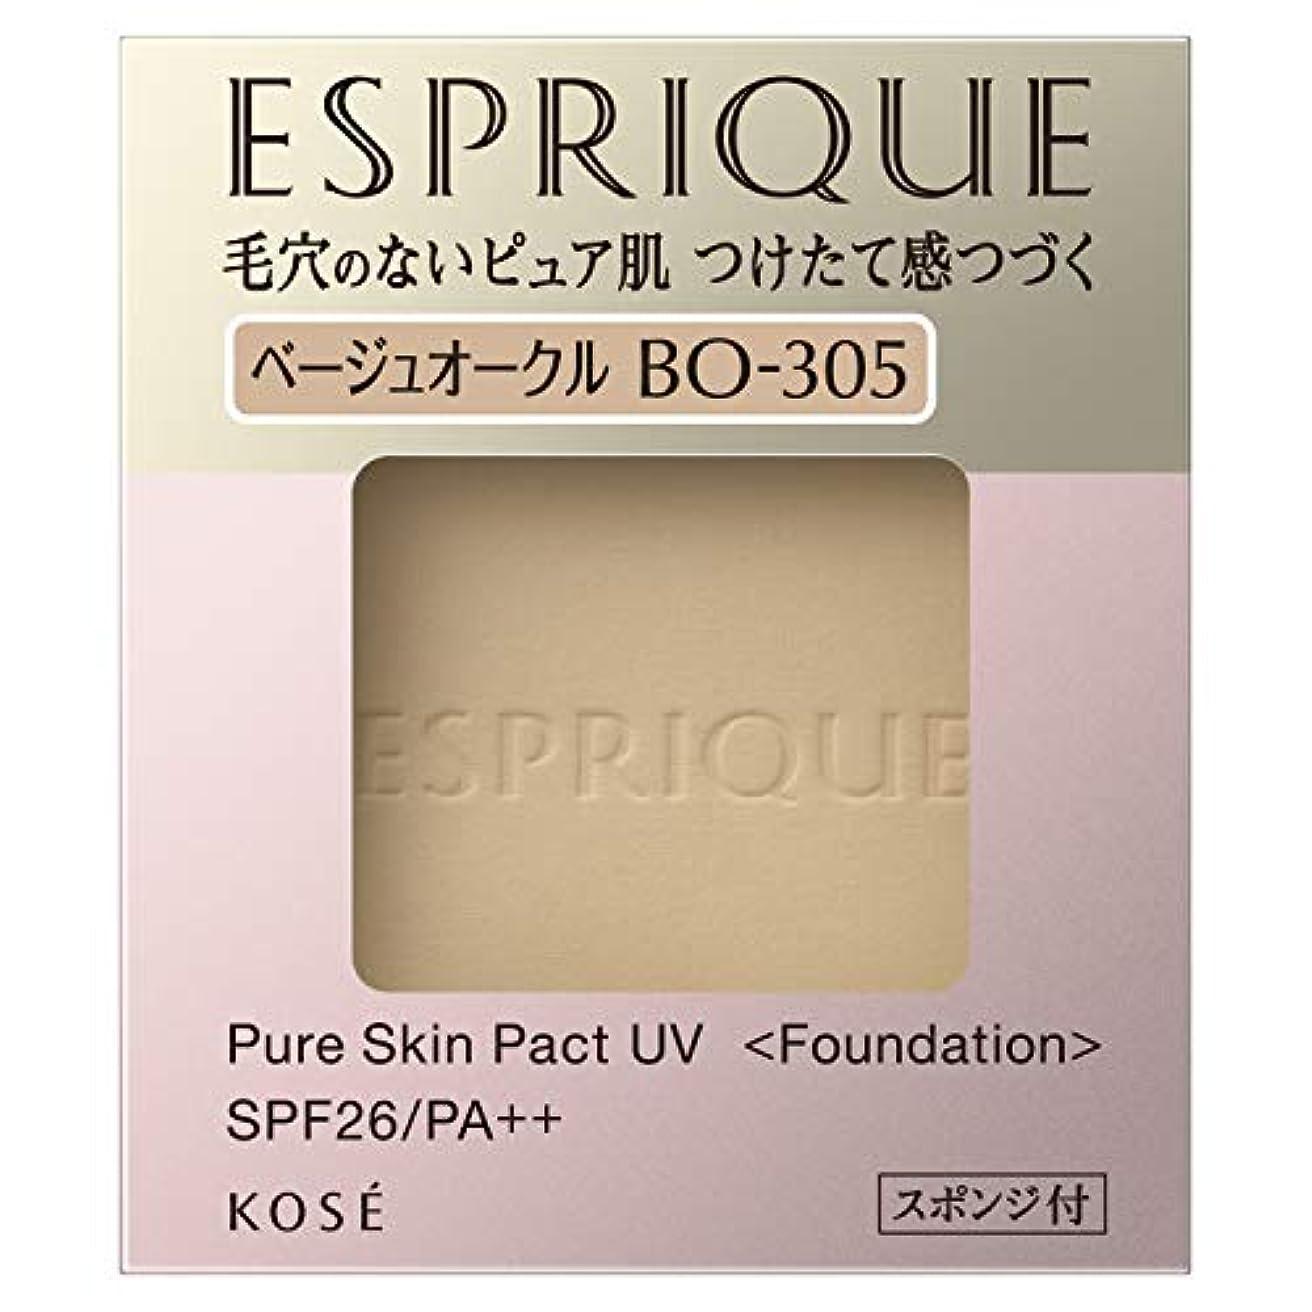 極地挨拶案件エスプリーク ピュアスキン パクト UV BO-305 ベージュオークル 9.3g